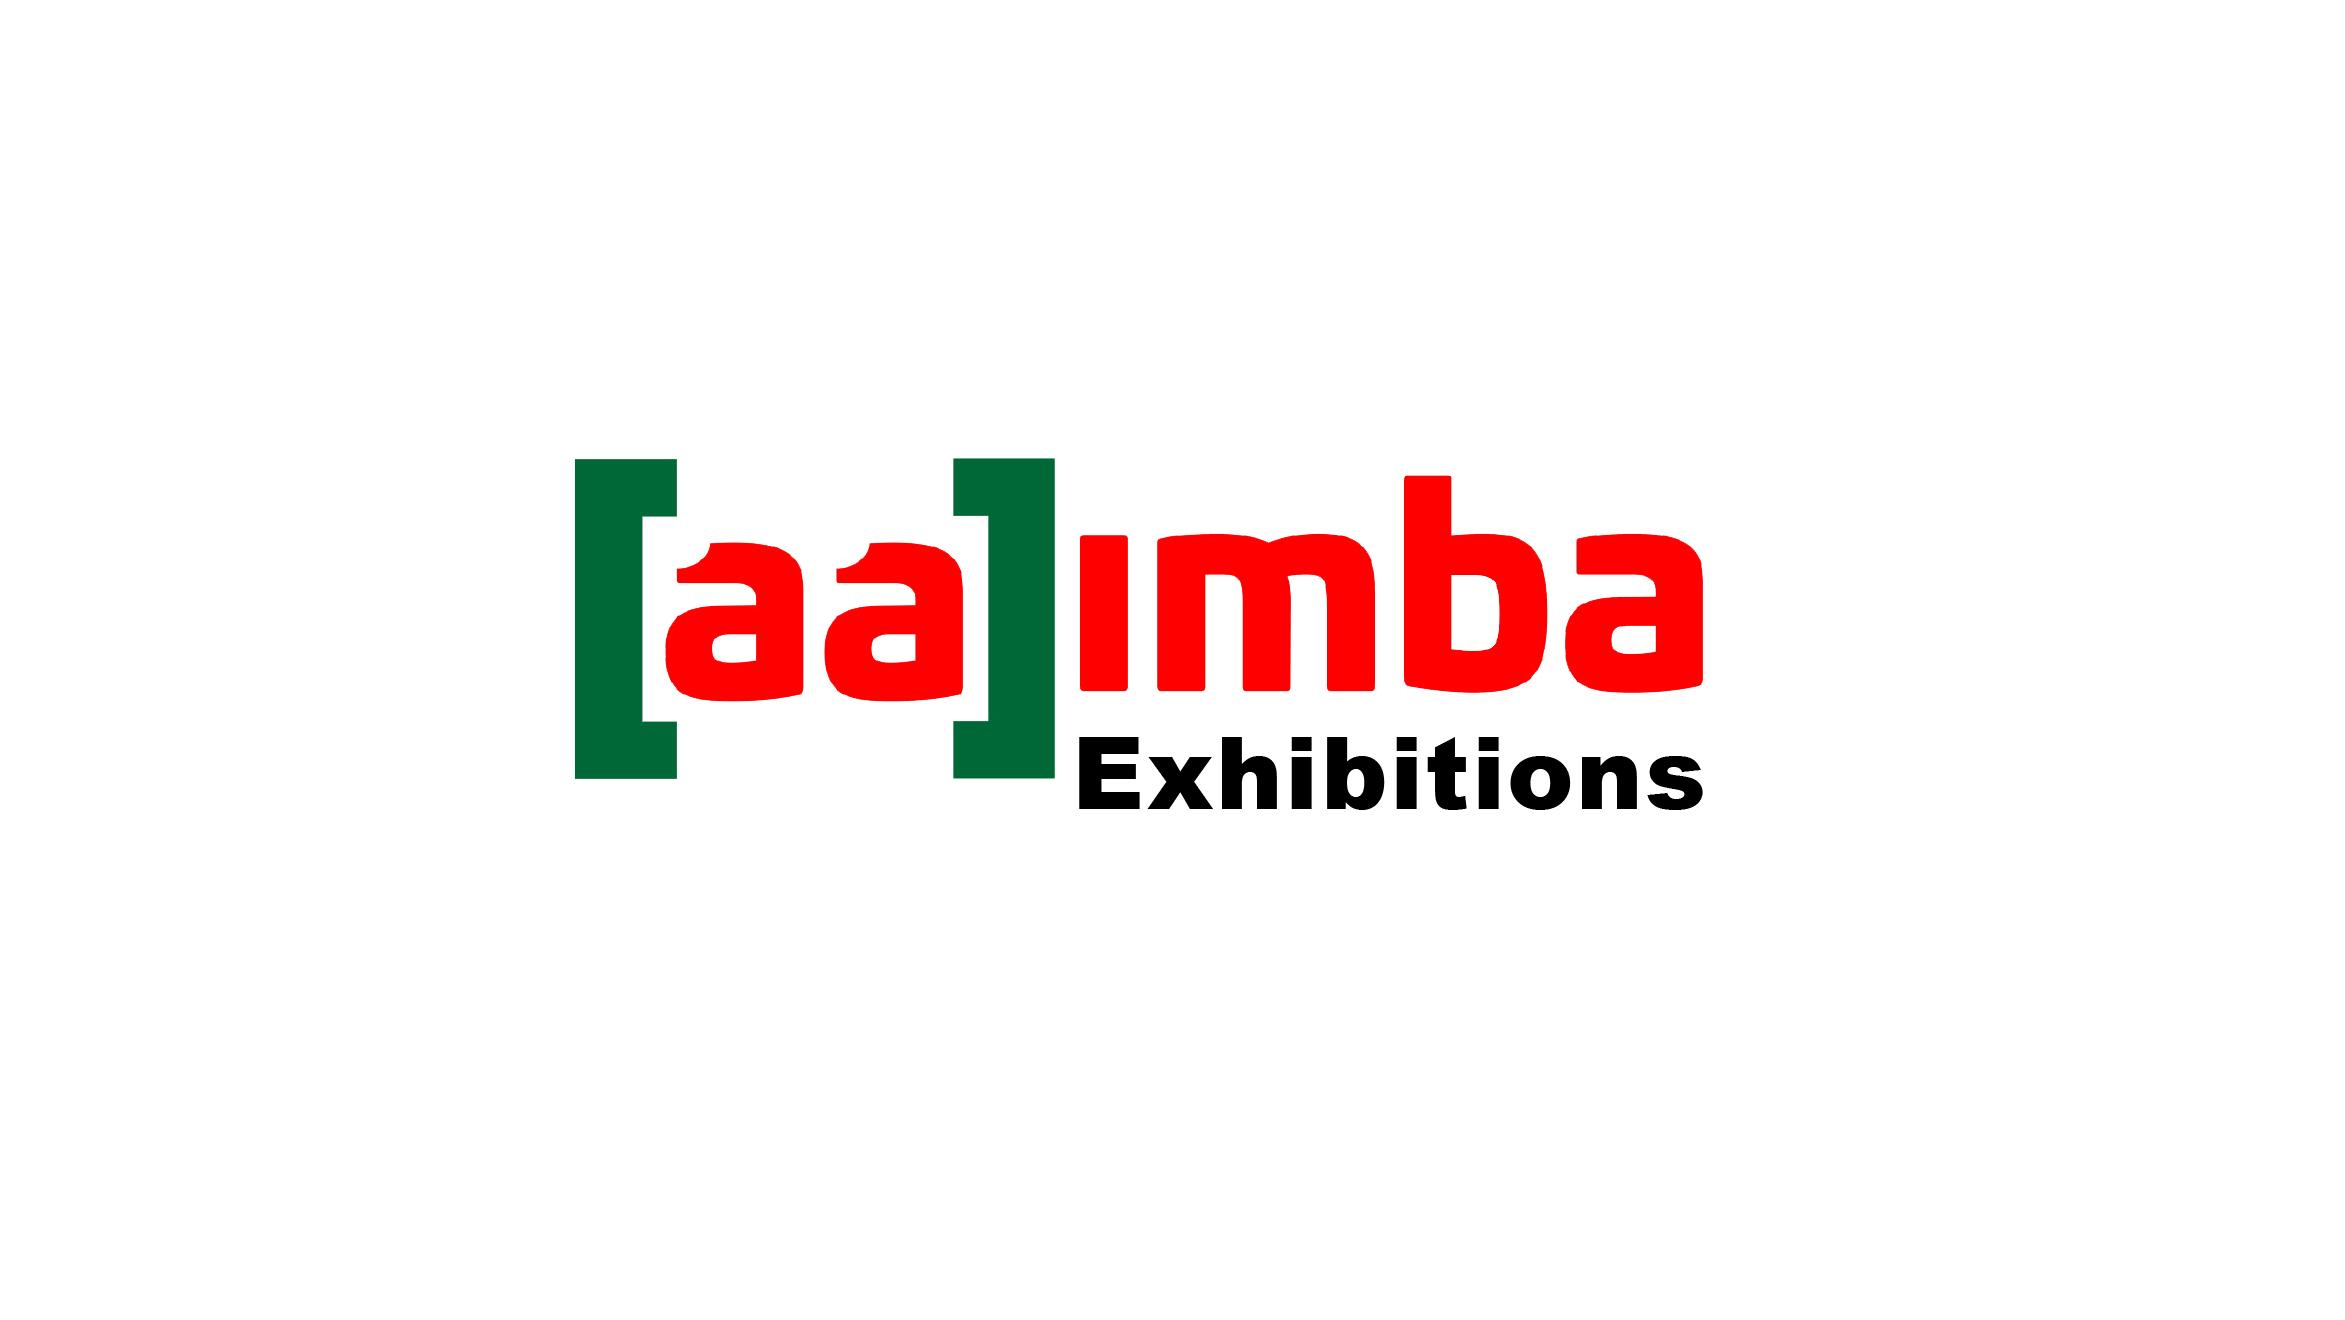 [aa]imba Exhibitions